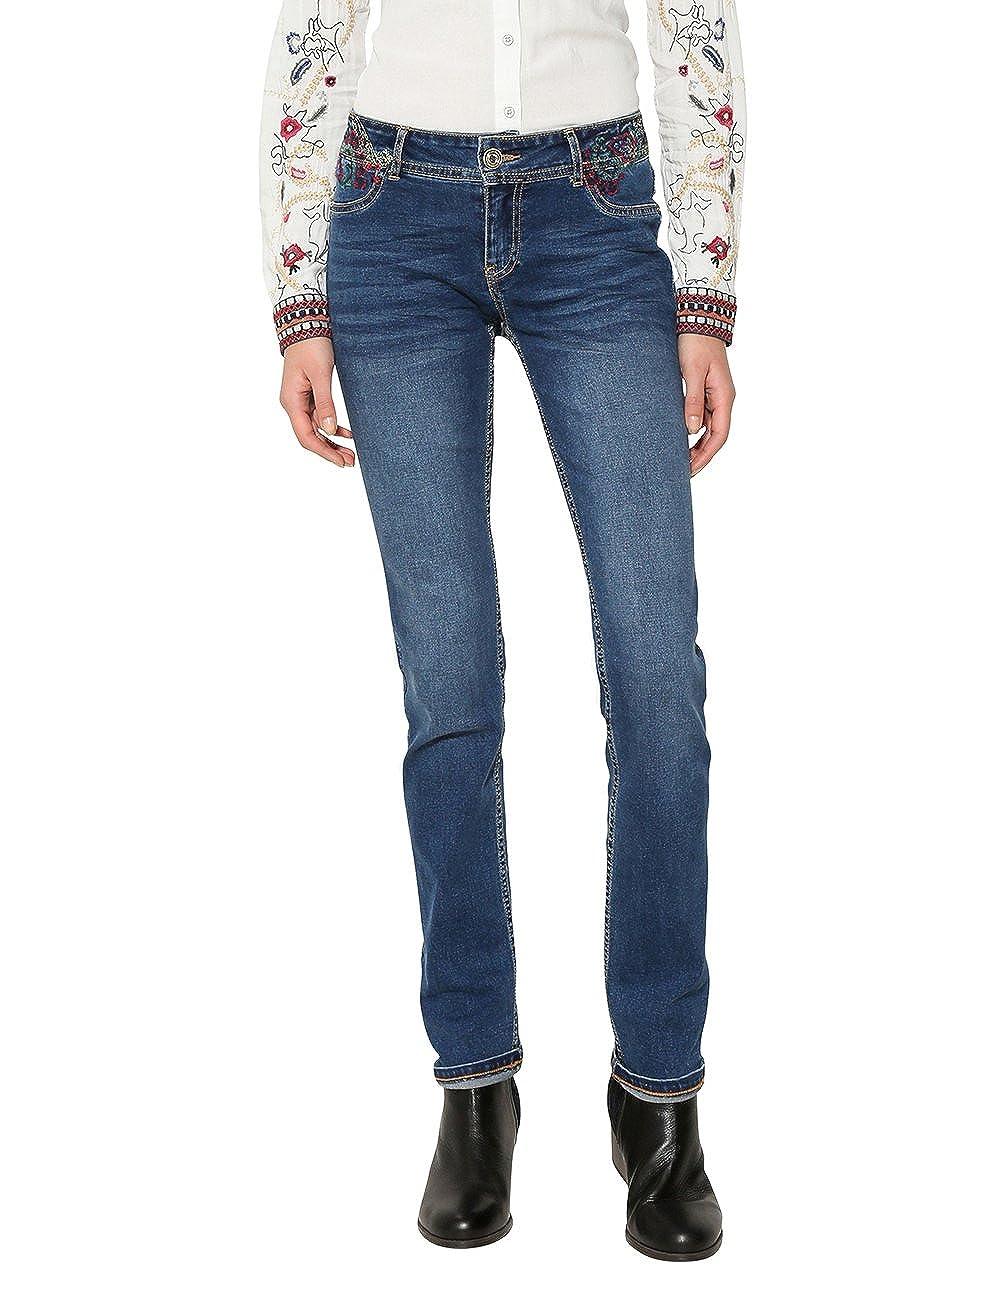 Desigual Denim_refriposas, Pantalones Vaqueros Delgados para Mujer